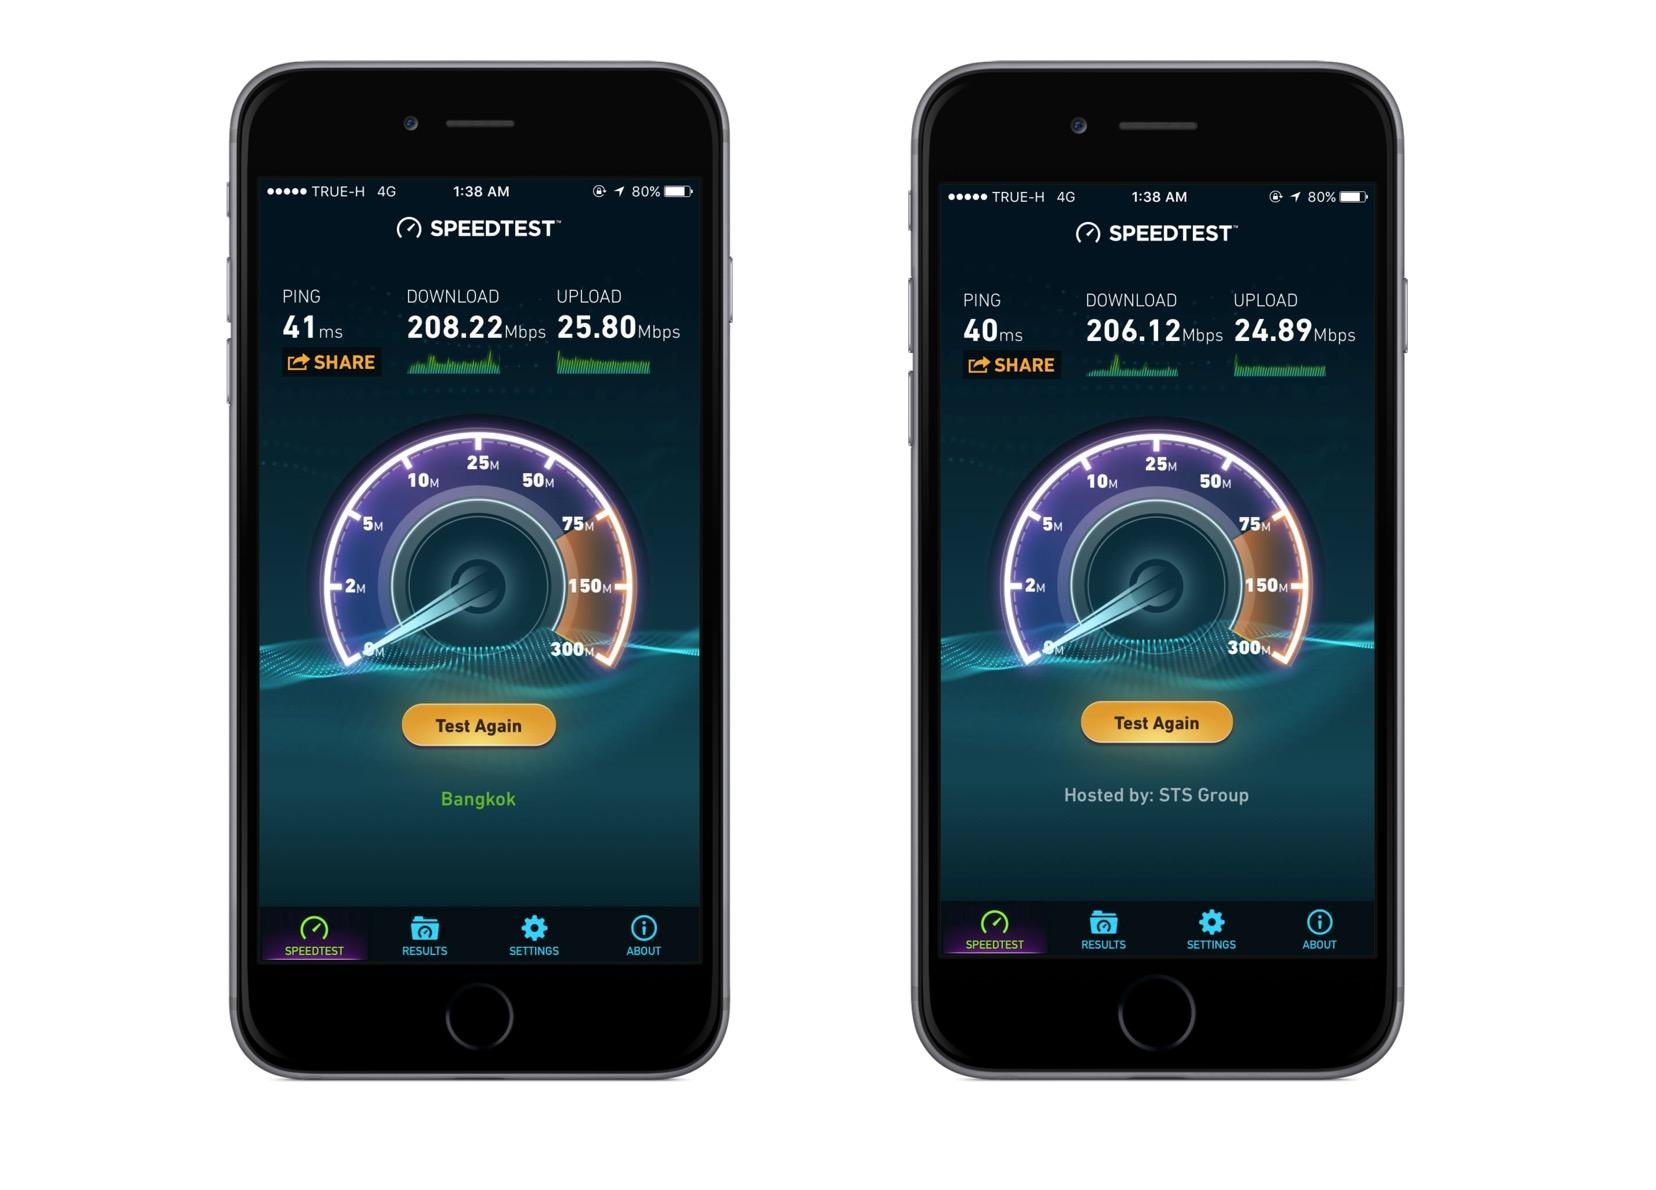 iphone 7 3ca speedtest tmh thailand